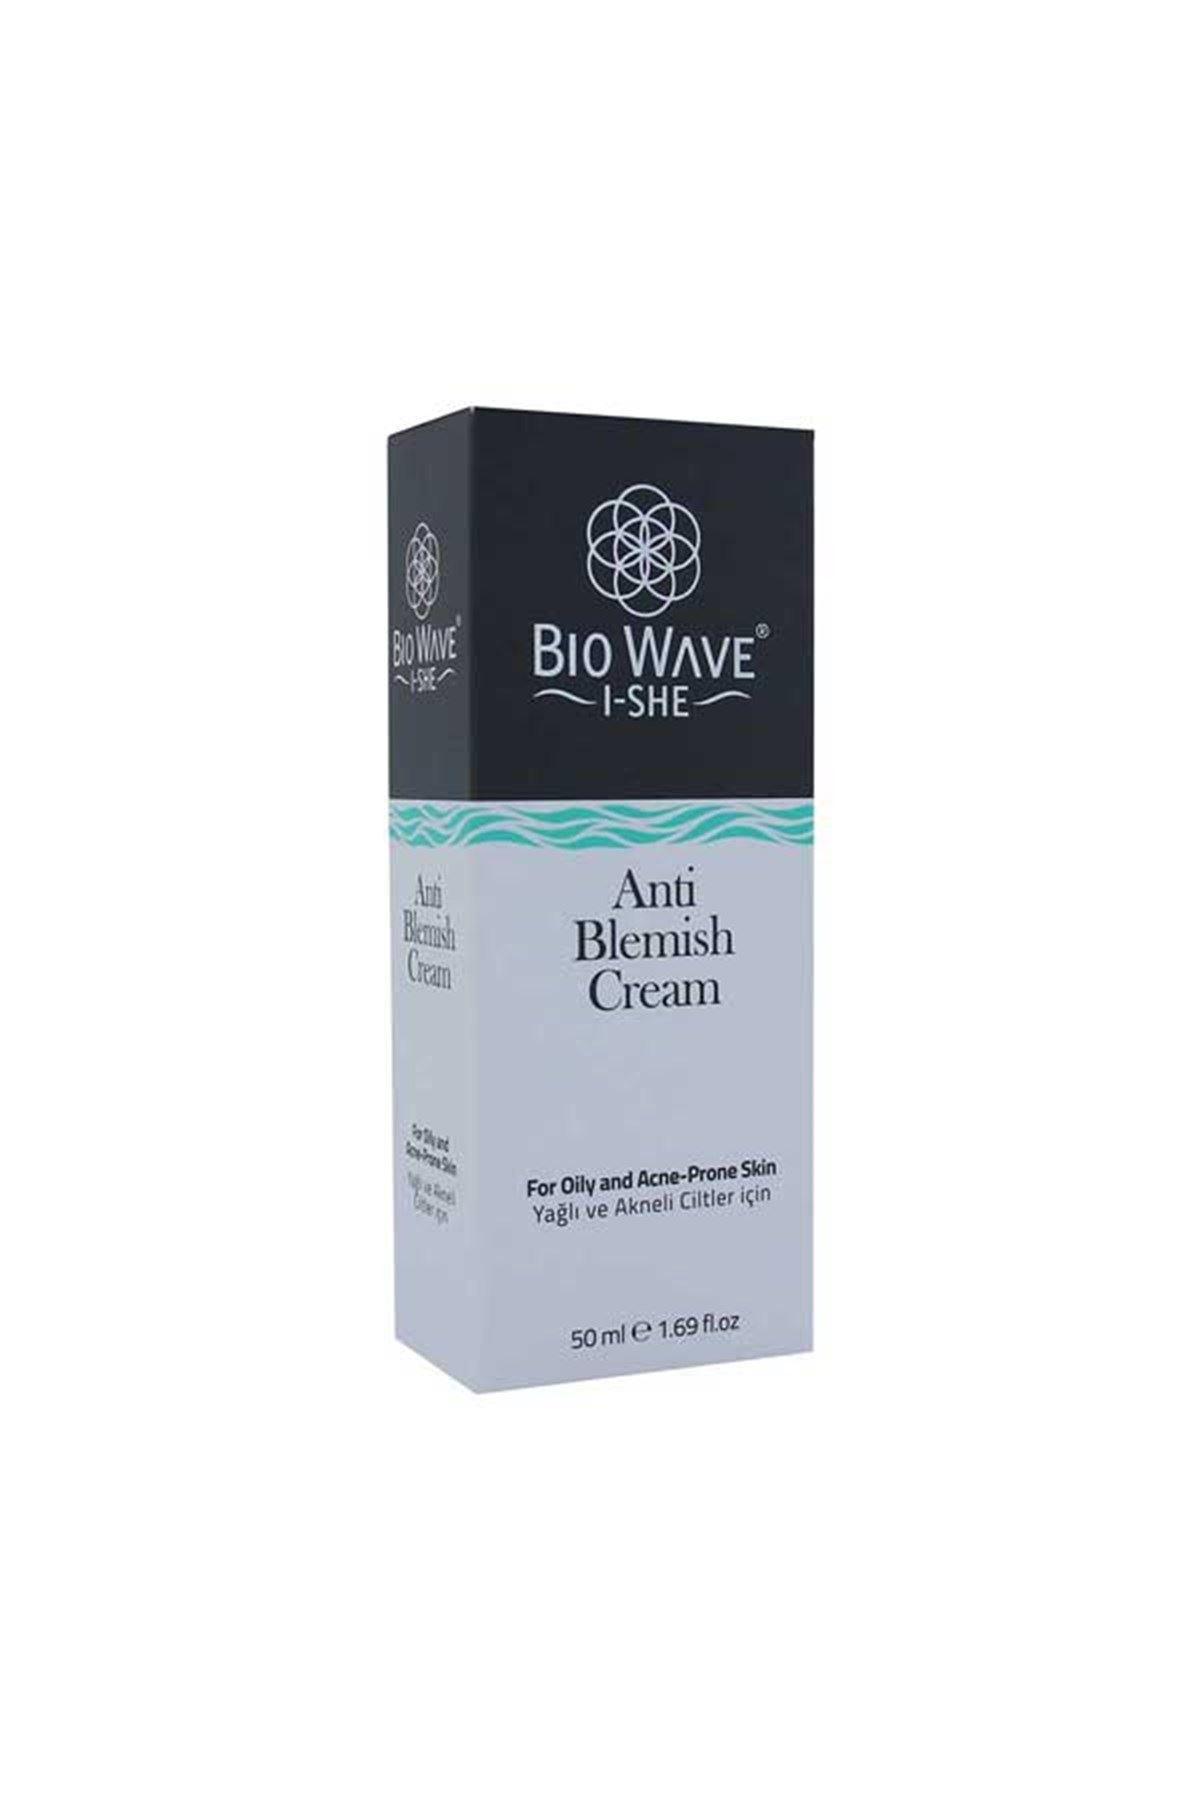 Anti Blemish Cream(Yağlı ve Akneli Cilt)